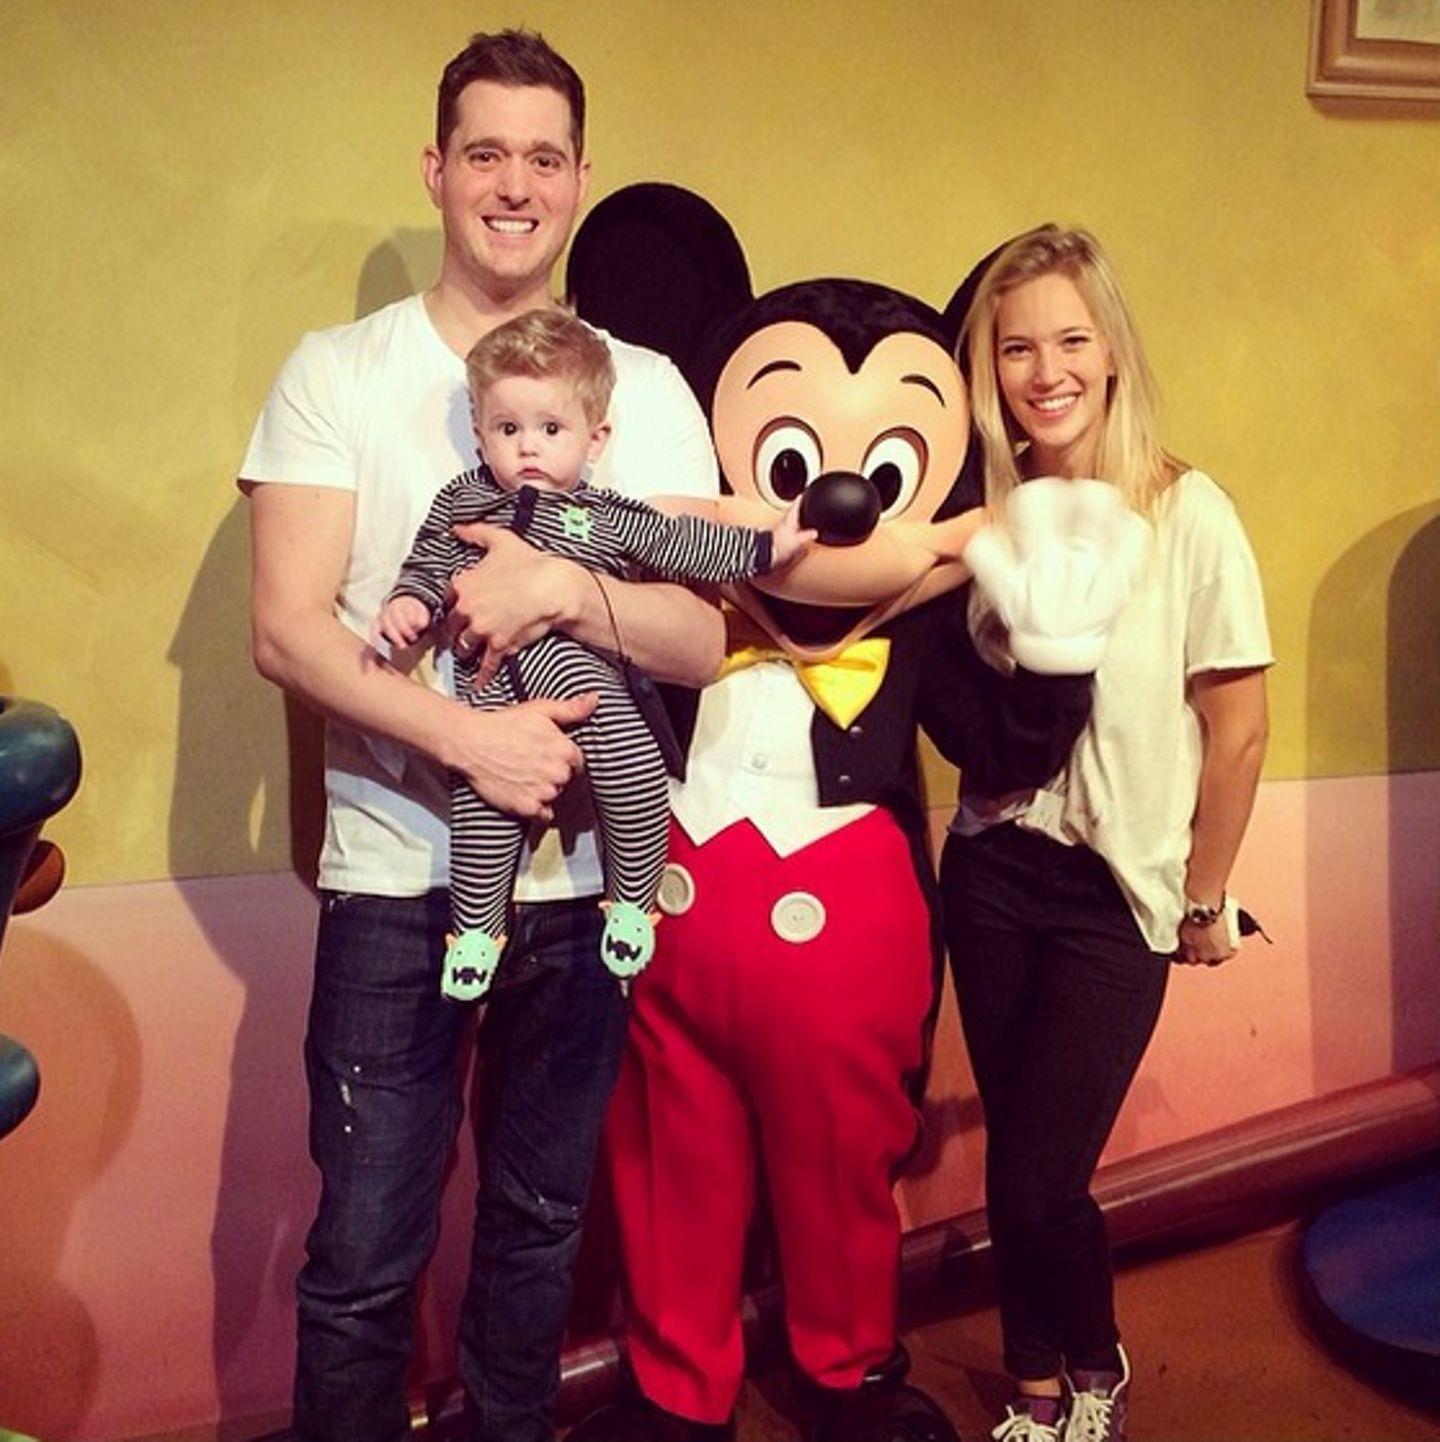 Noah ist zwar erst ein halbes Jahr alt, Papa Michael Bublé und Mama Luisana Lopilato zeigen ihm trotzdem schon mal das Disneyland im kalifornischen Anaheim. Sieht jedoch so aus, als ob der Kleine nicht so recht weiß, wie ihm geschieht.